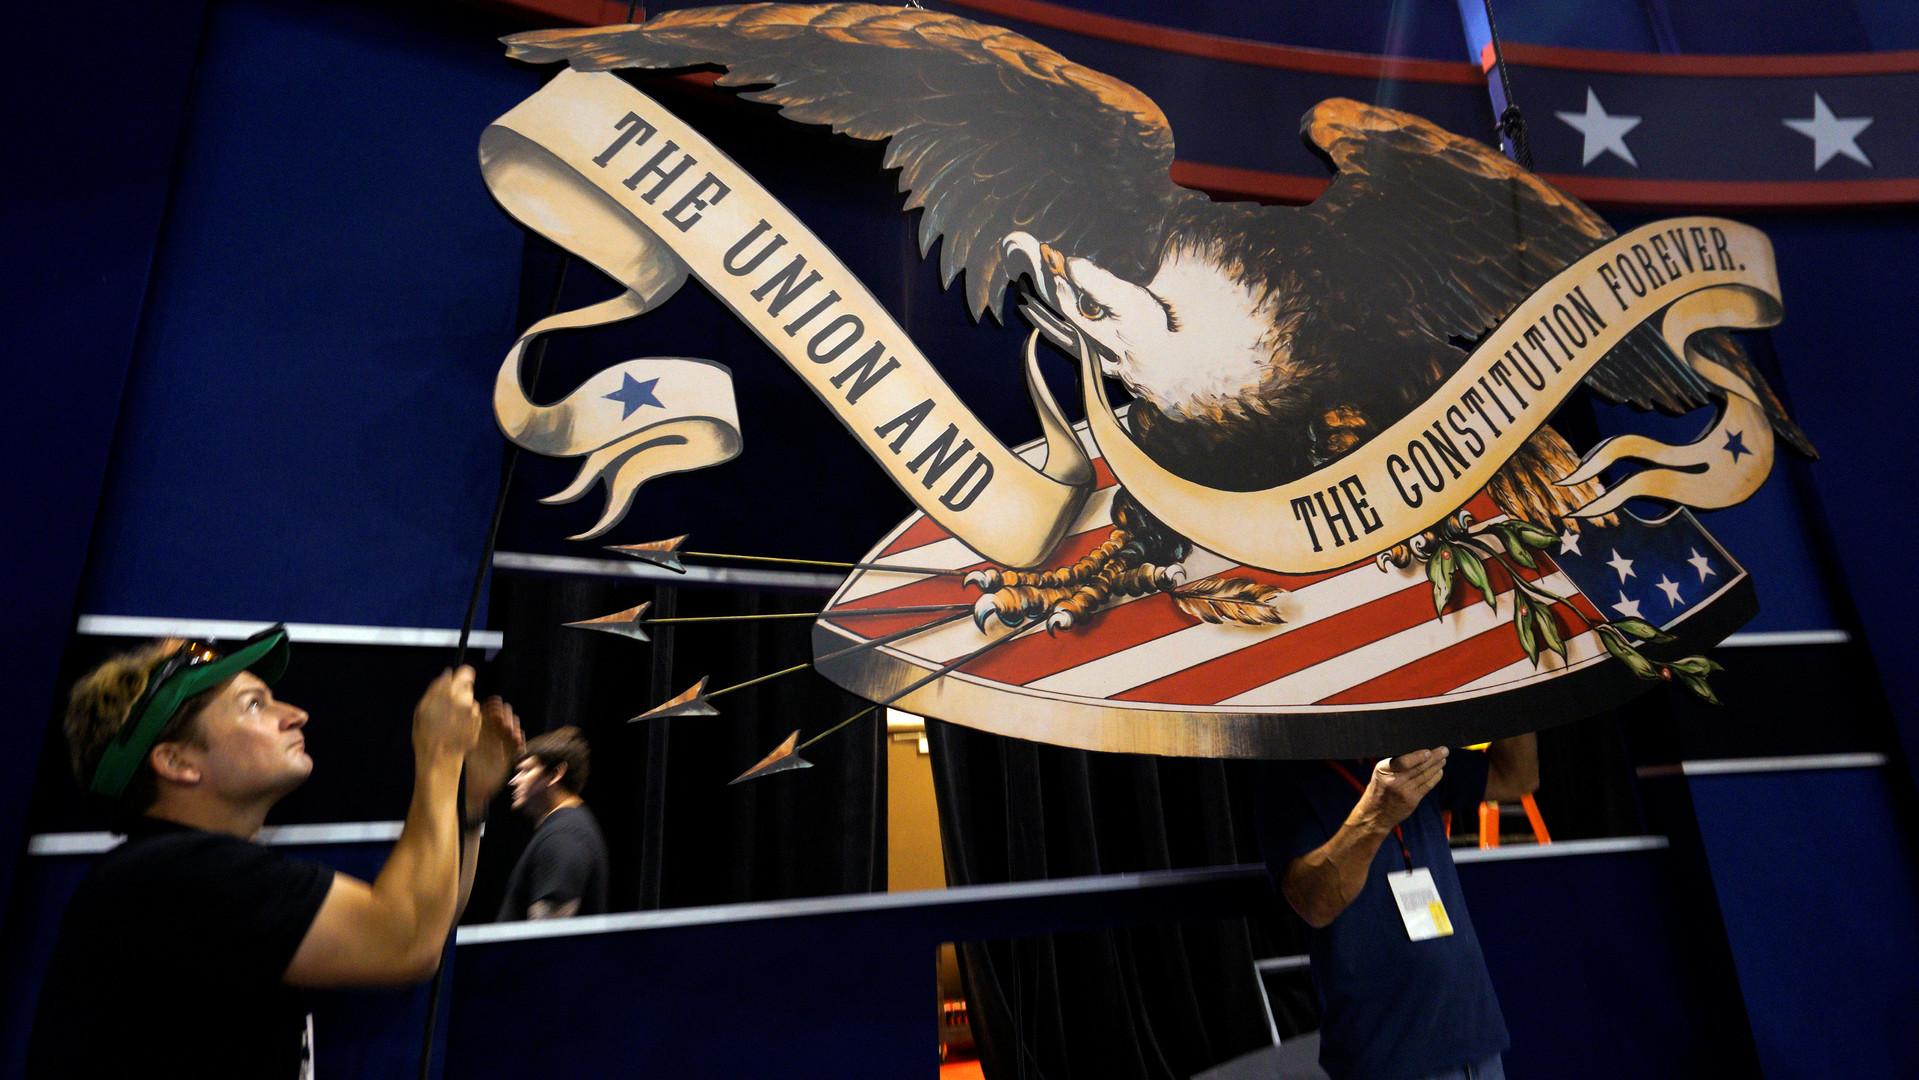 «Похоже на фильм ужасов 70-х»: реакция соцсетей на вторые дебаты Трампа и Клинтон